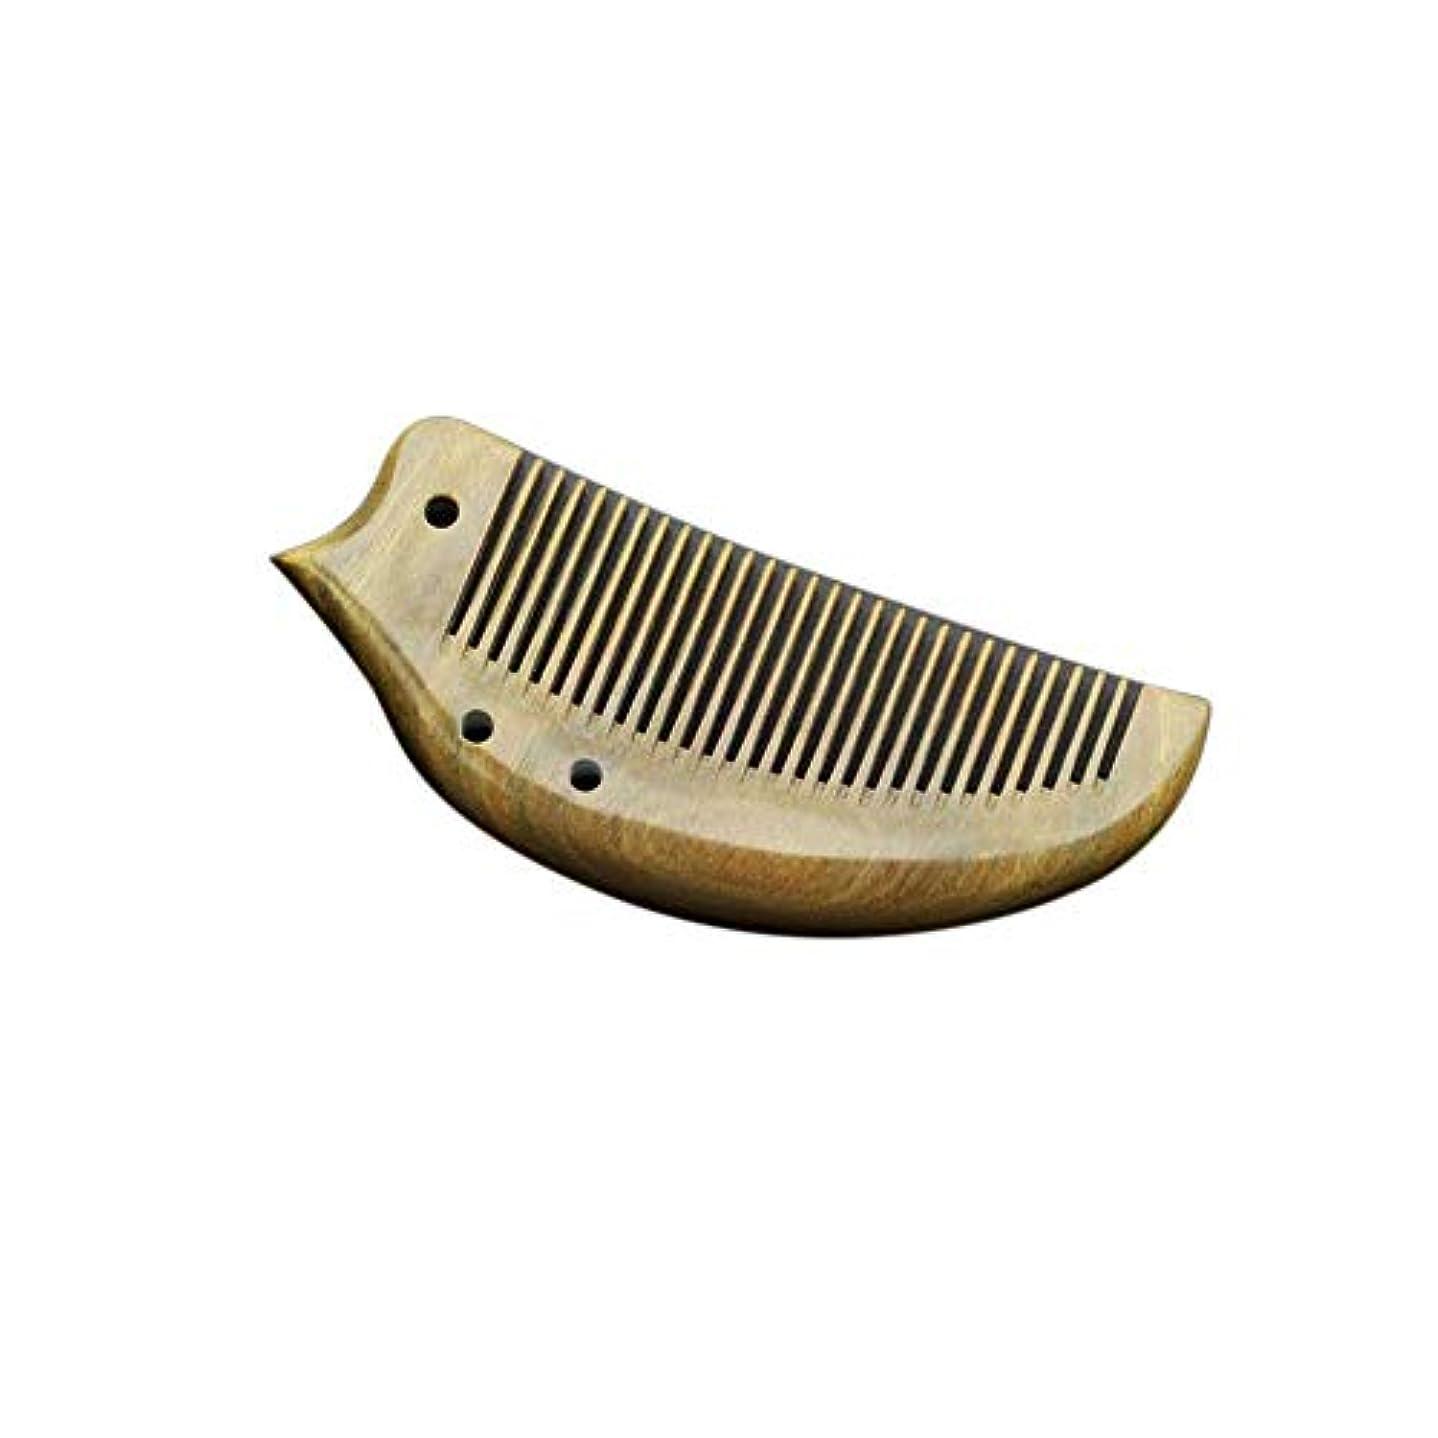 火傷かみそり一般的にFashian手作りの木製くしナチュラルサンダルウッド櫛(ノースタティック、ノーもつれ) ヘアケア (色 : オレンジ)